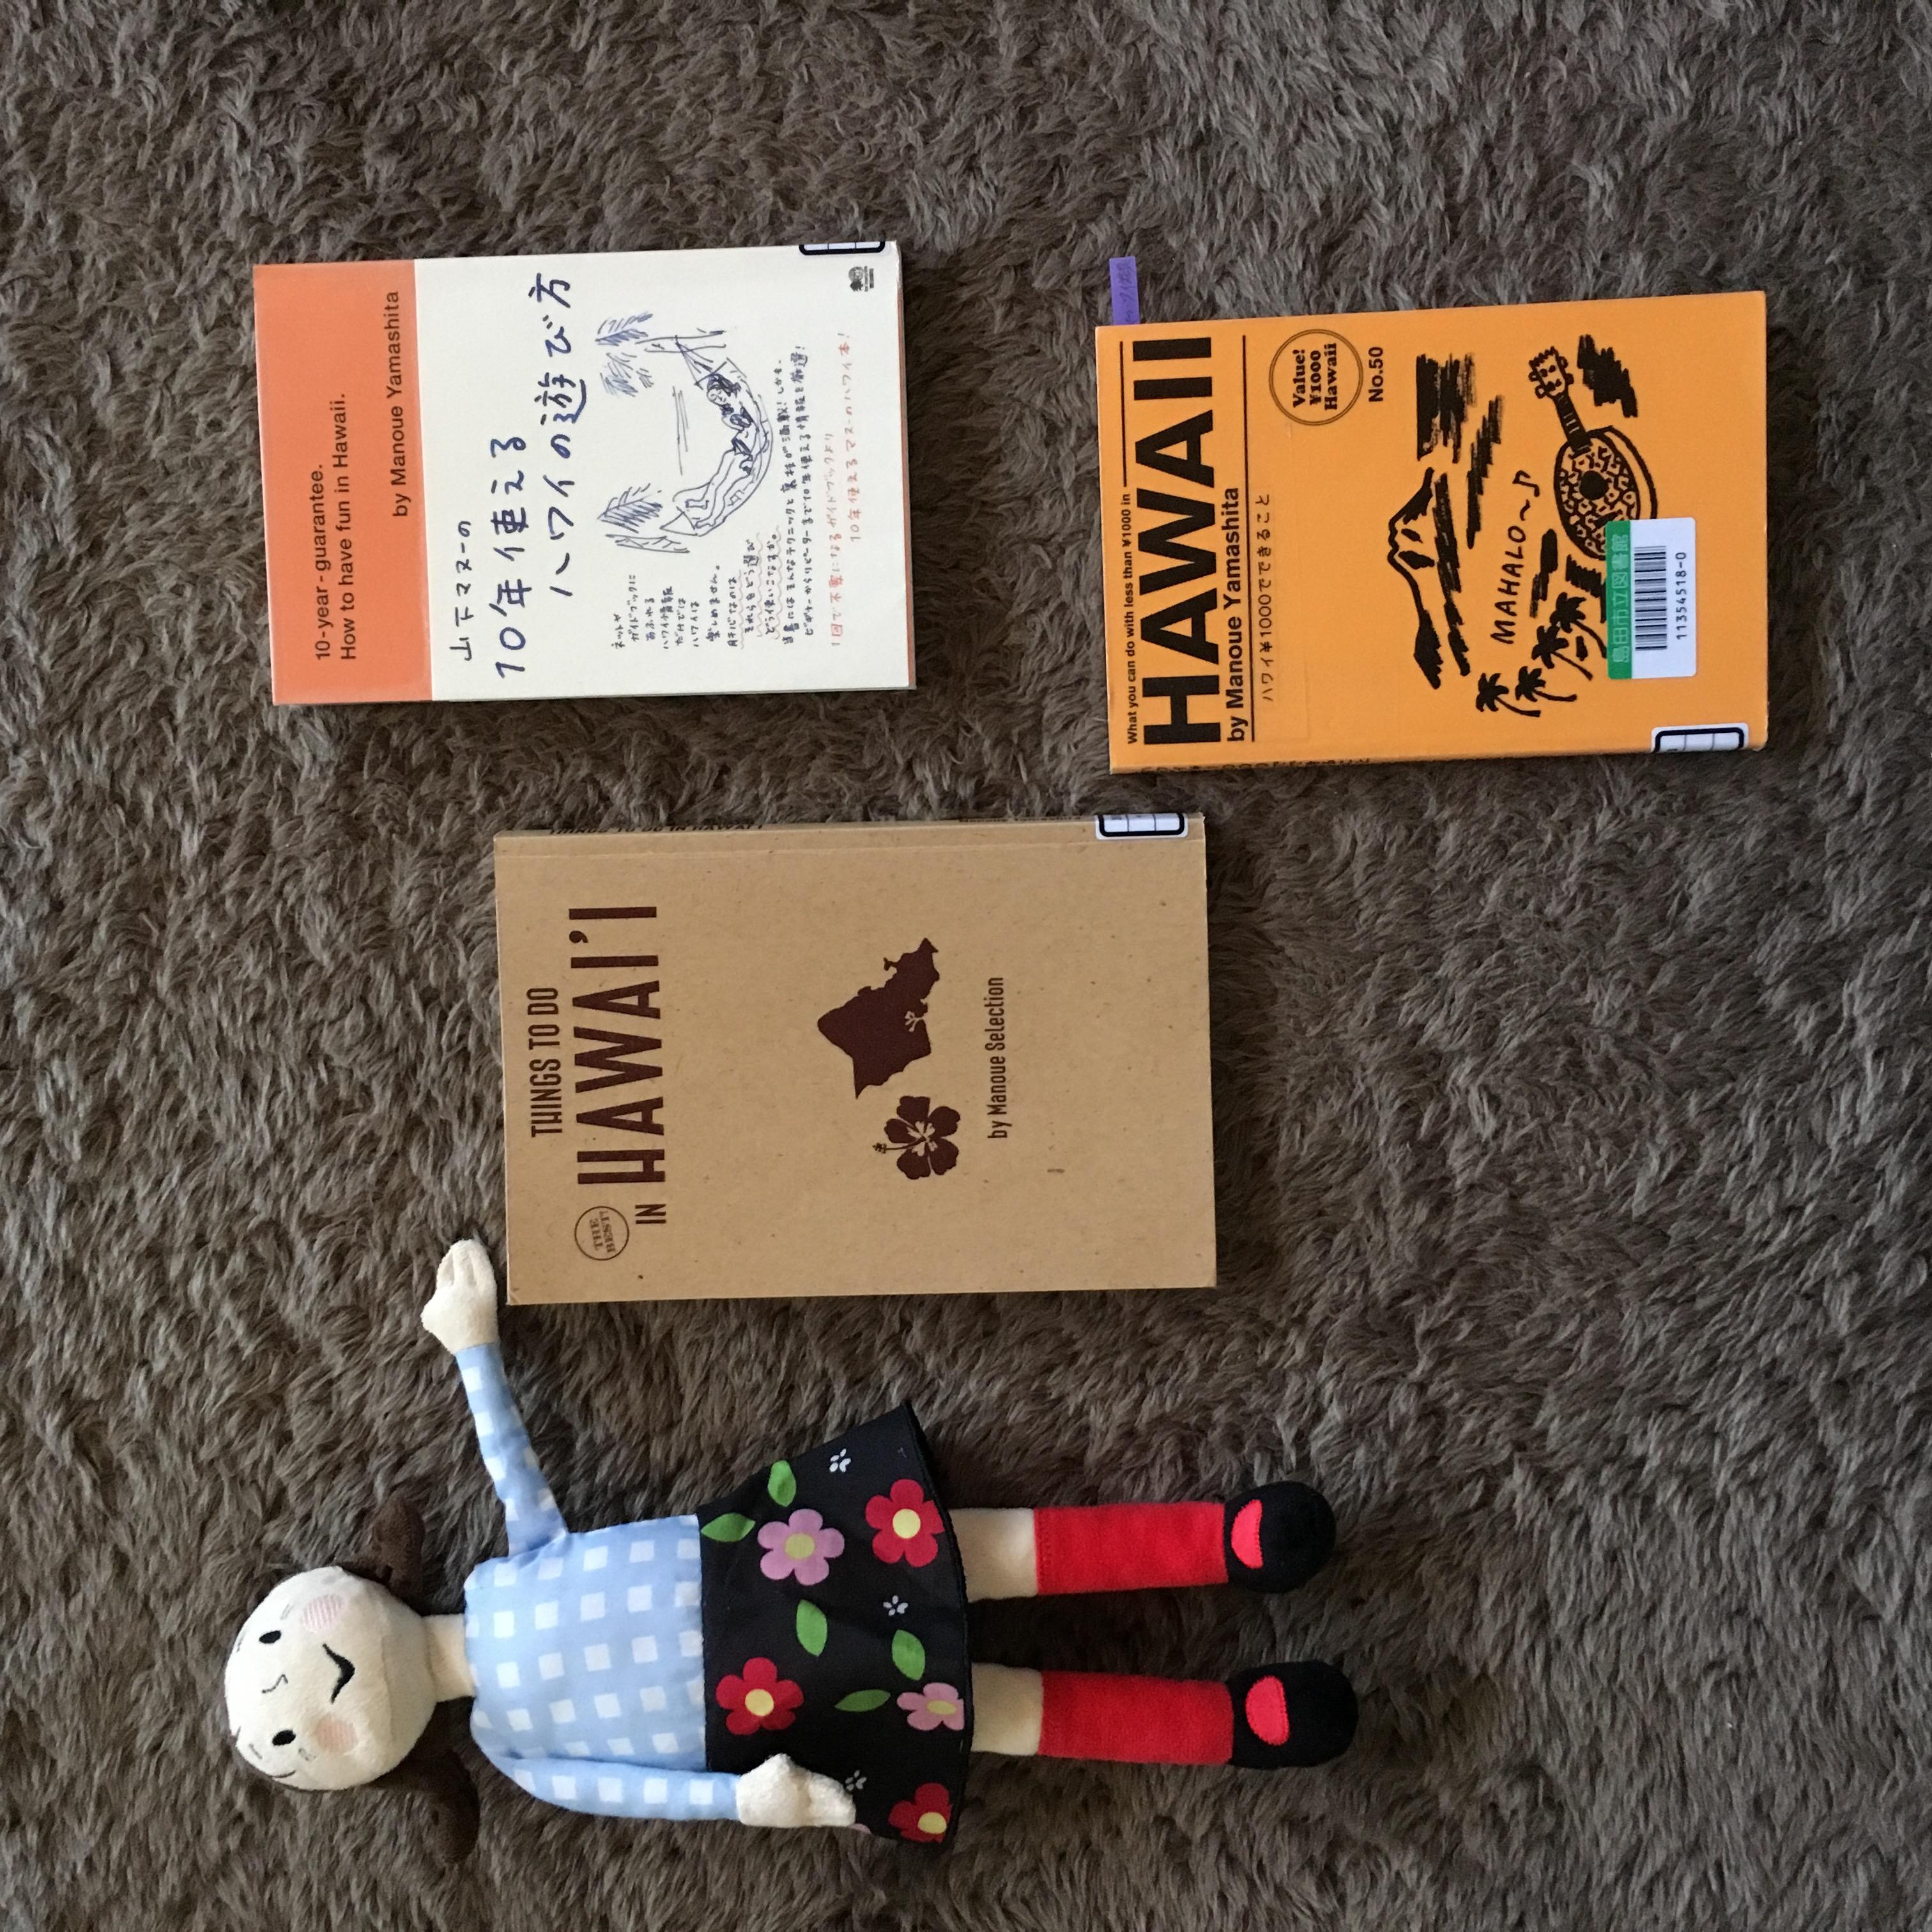 ハワイのガイド本でとても役立った!山下マヌーさんの3冊(*^^*)